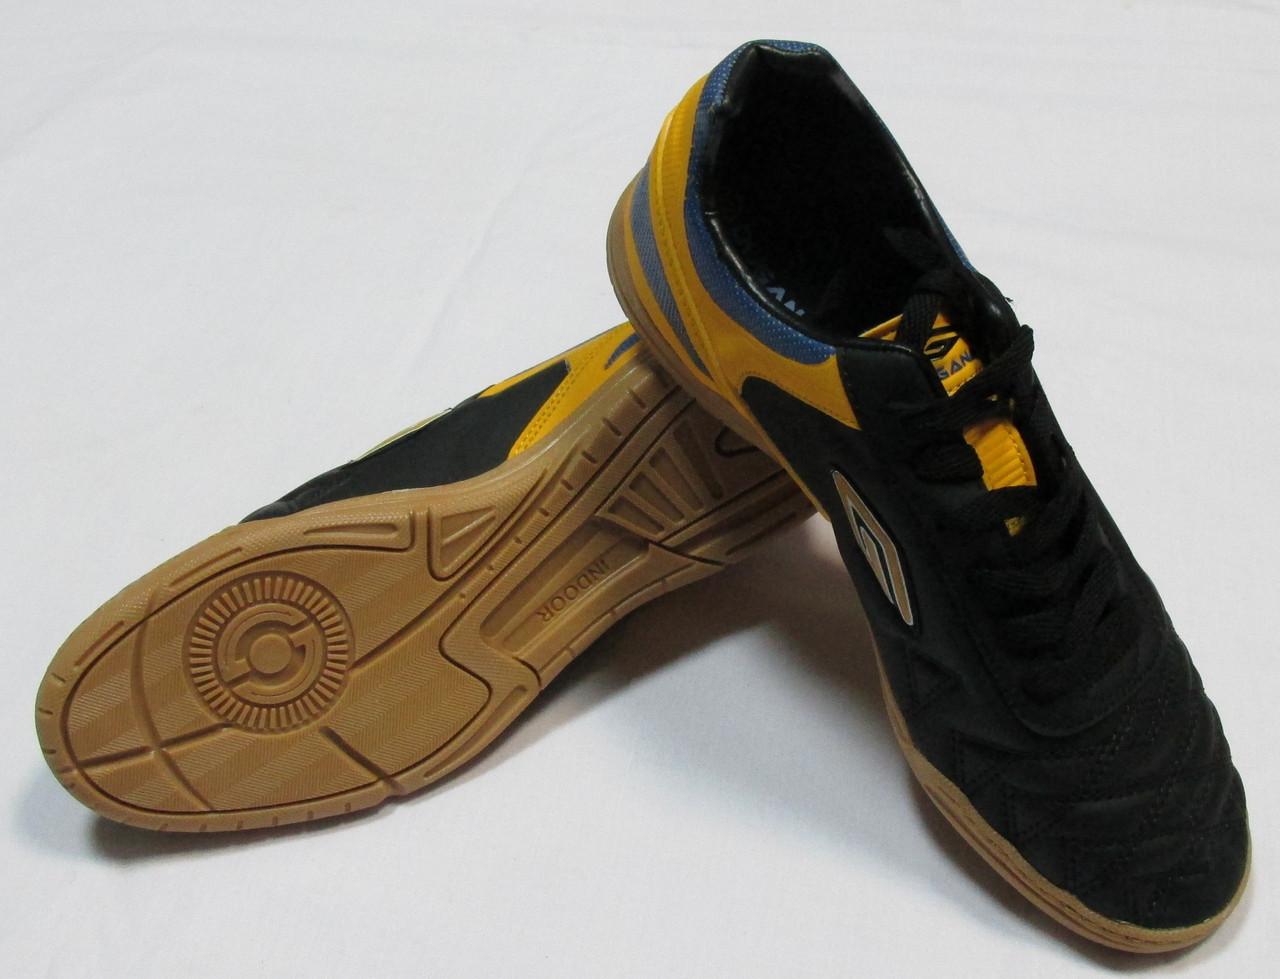 Бампы (футзалки) Dugana желто-черные Распродажа! Оптом и в розницу